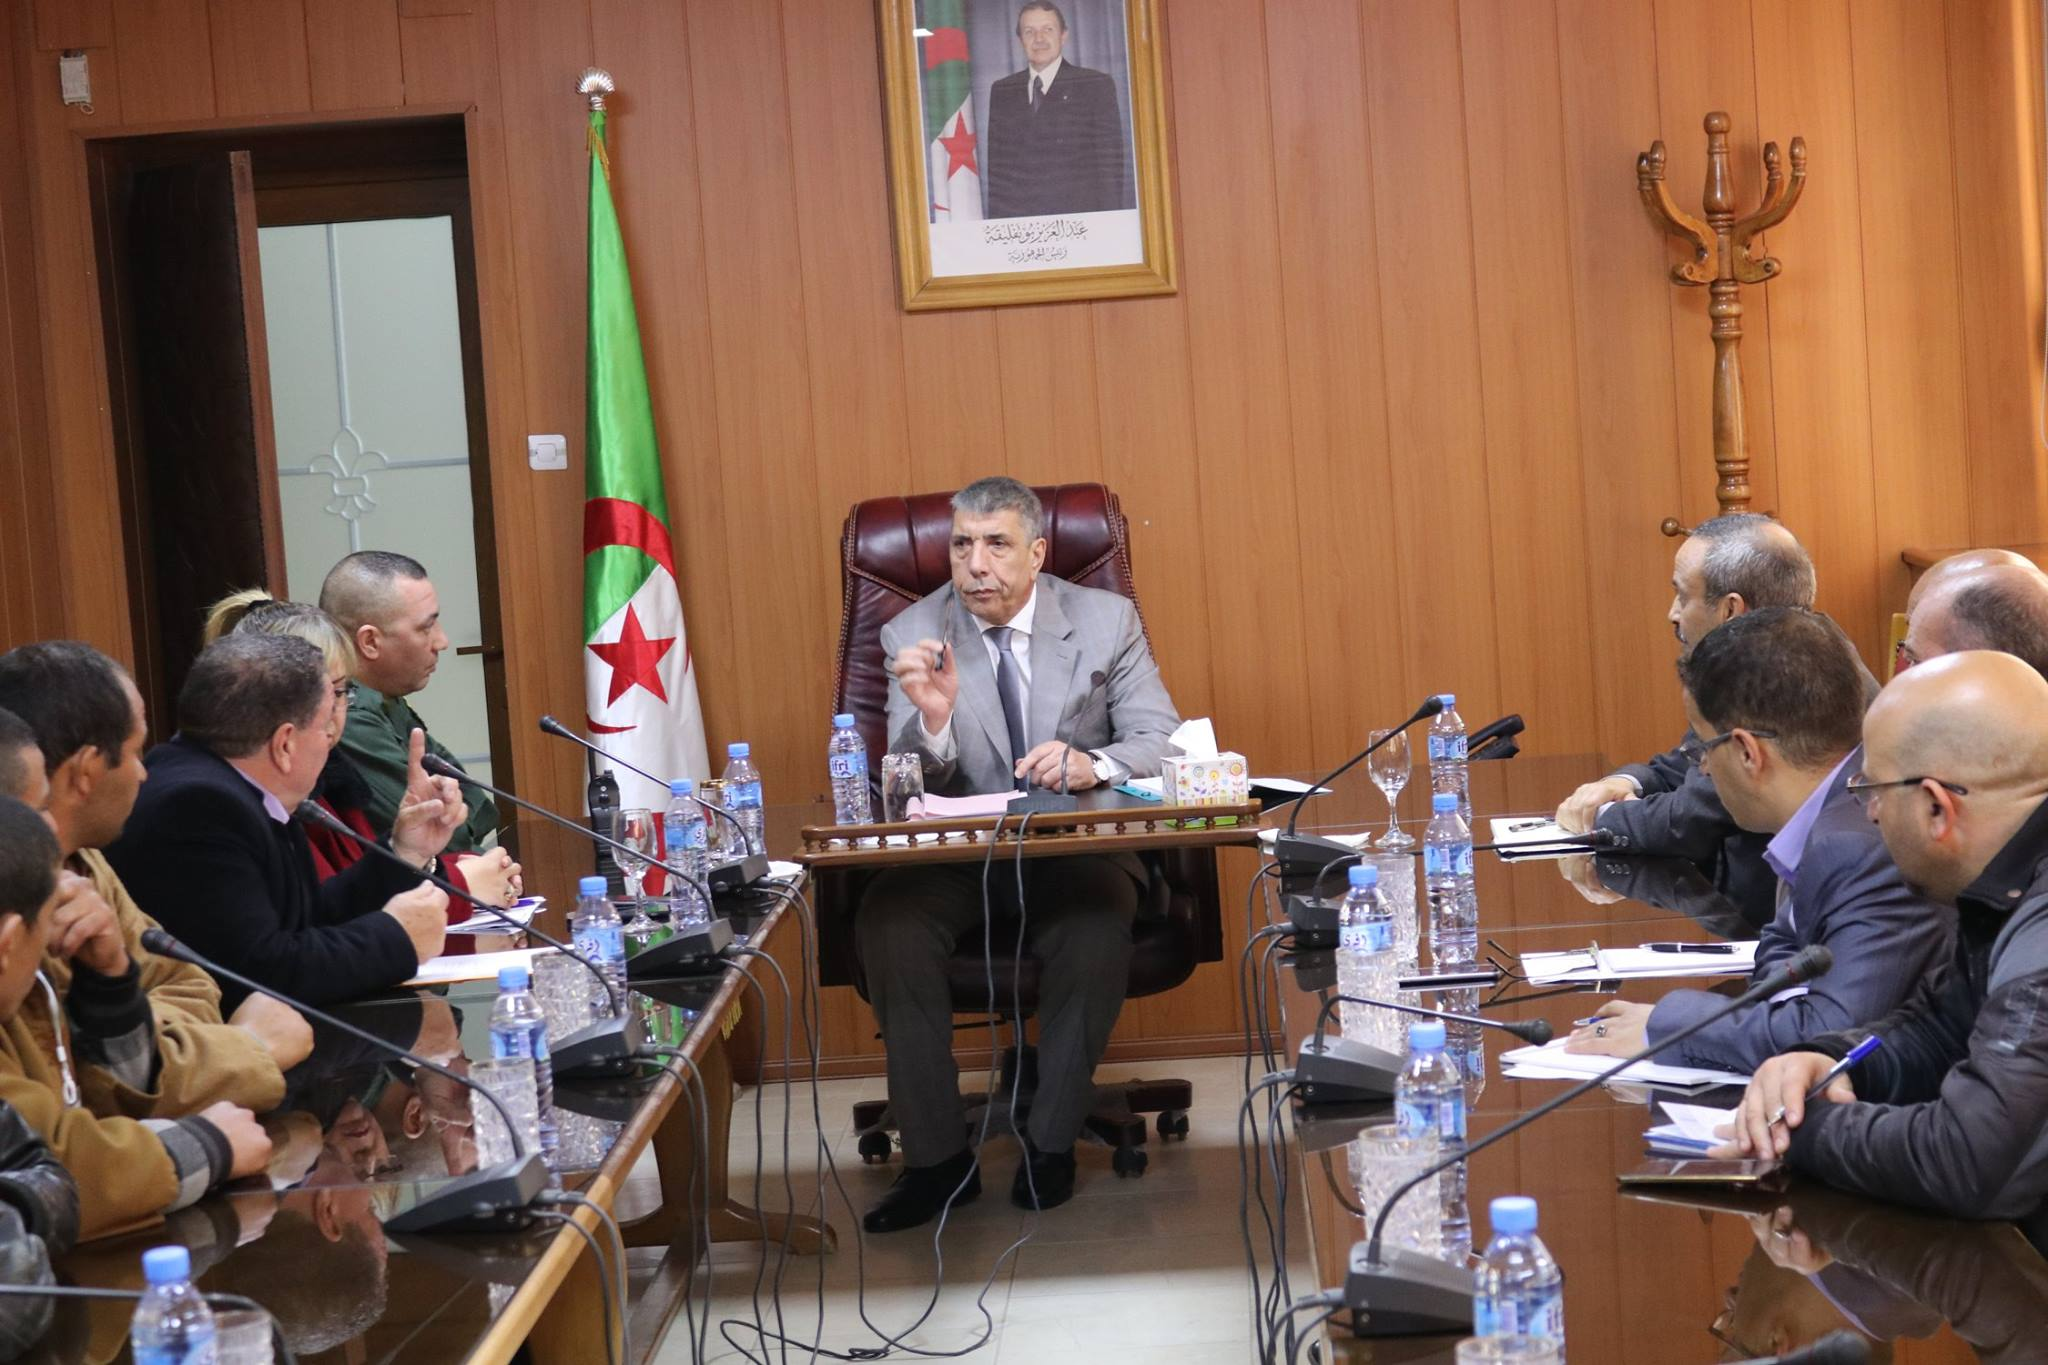 استقبل  والي ولاية المدية  السيد عباس بداوي جمعا من سكان فرقة المرابطين ببلدية الربعية بحضور عدد من المدراء الولائيين